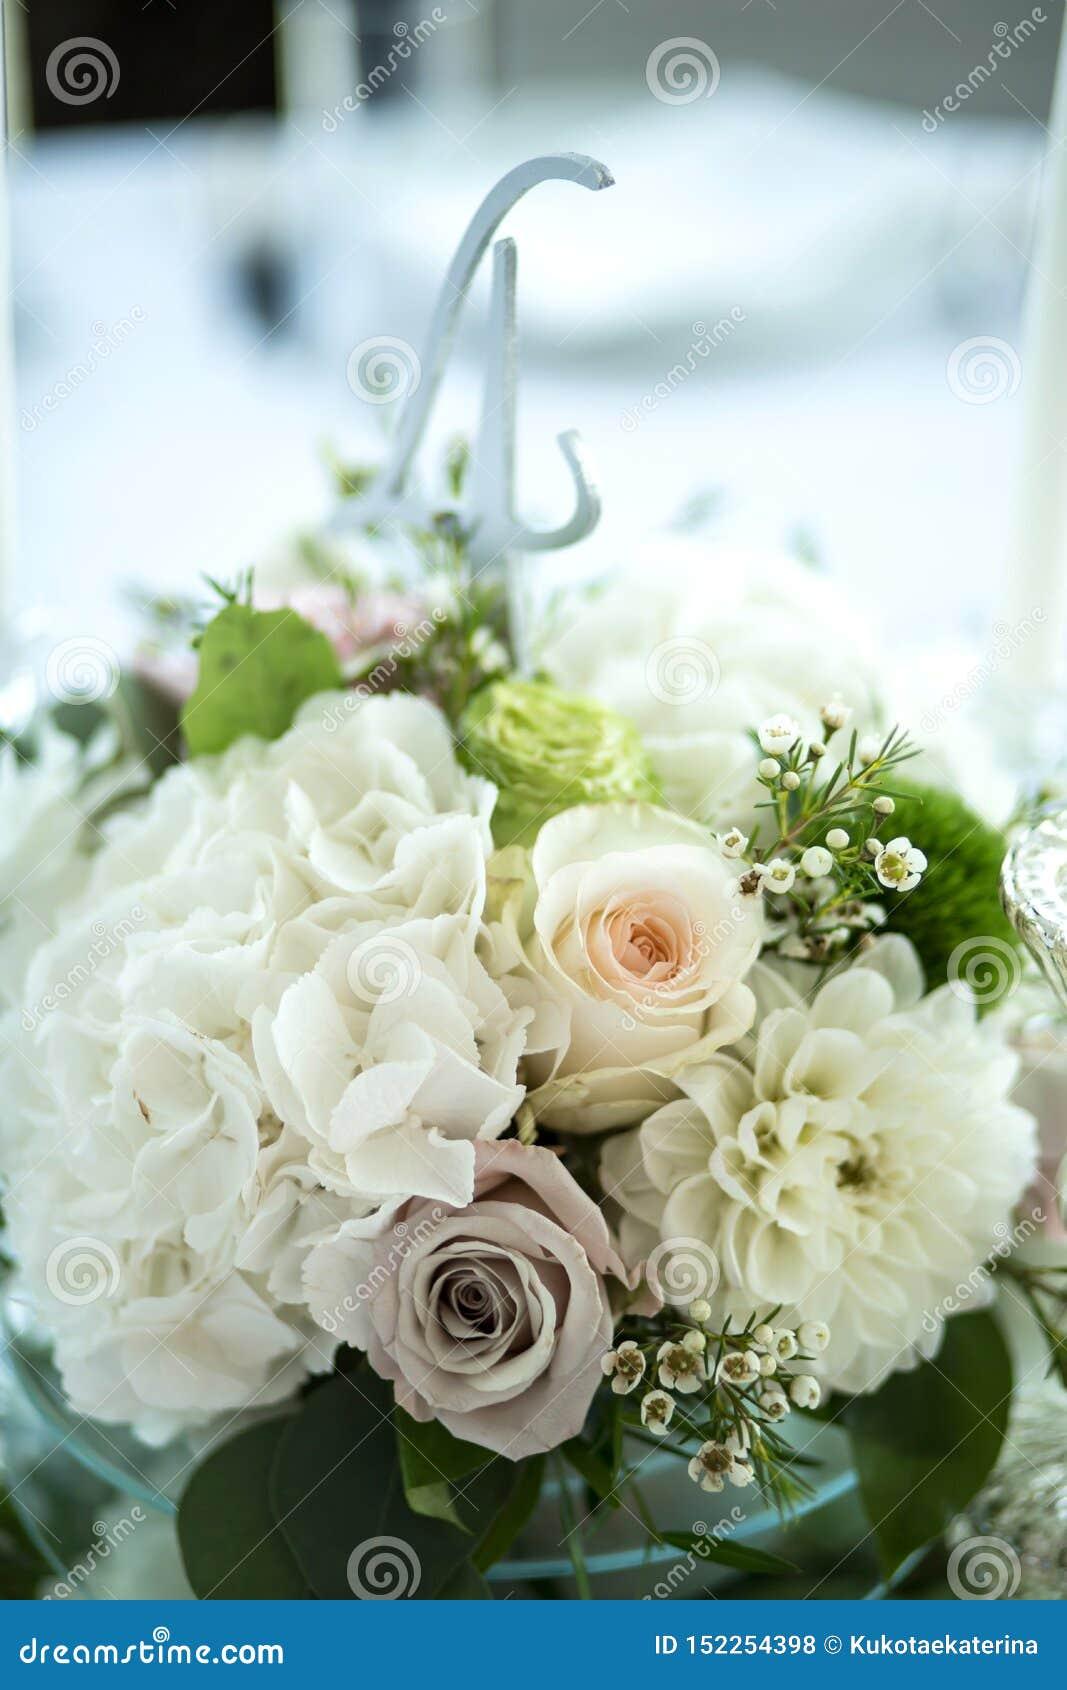 婚姻的桌设置用鲜花和白色蜡烛装饰 ??floristry 与玫瑰的花束,八仙花属和